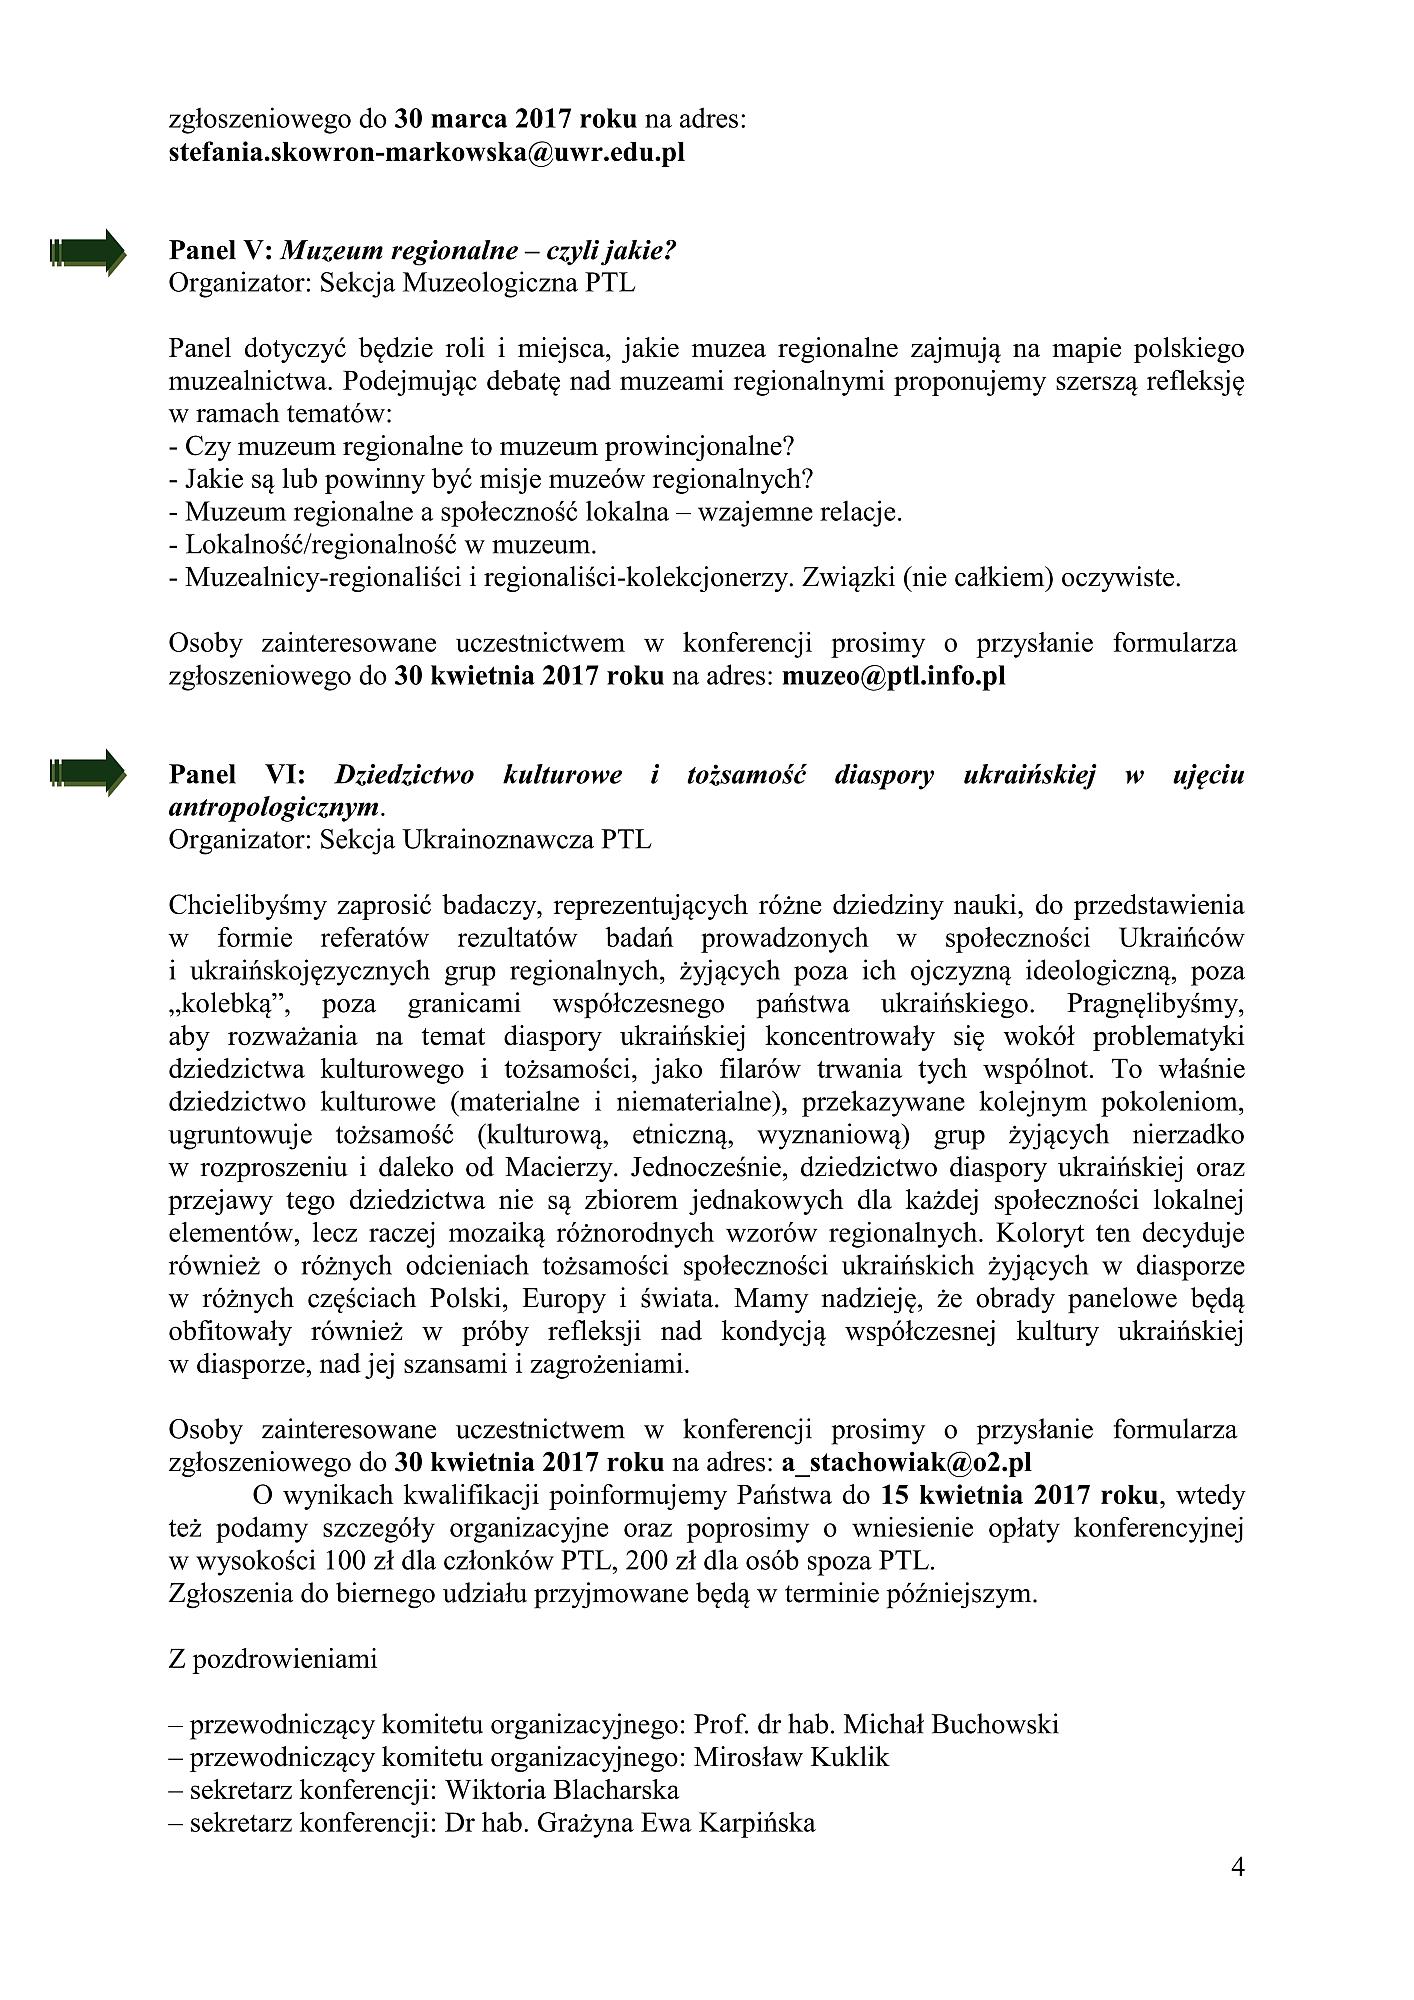 Zaproszenie na Konferencję PTL Gniewino 2017.06.02_04